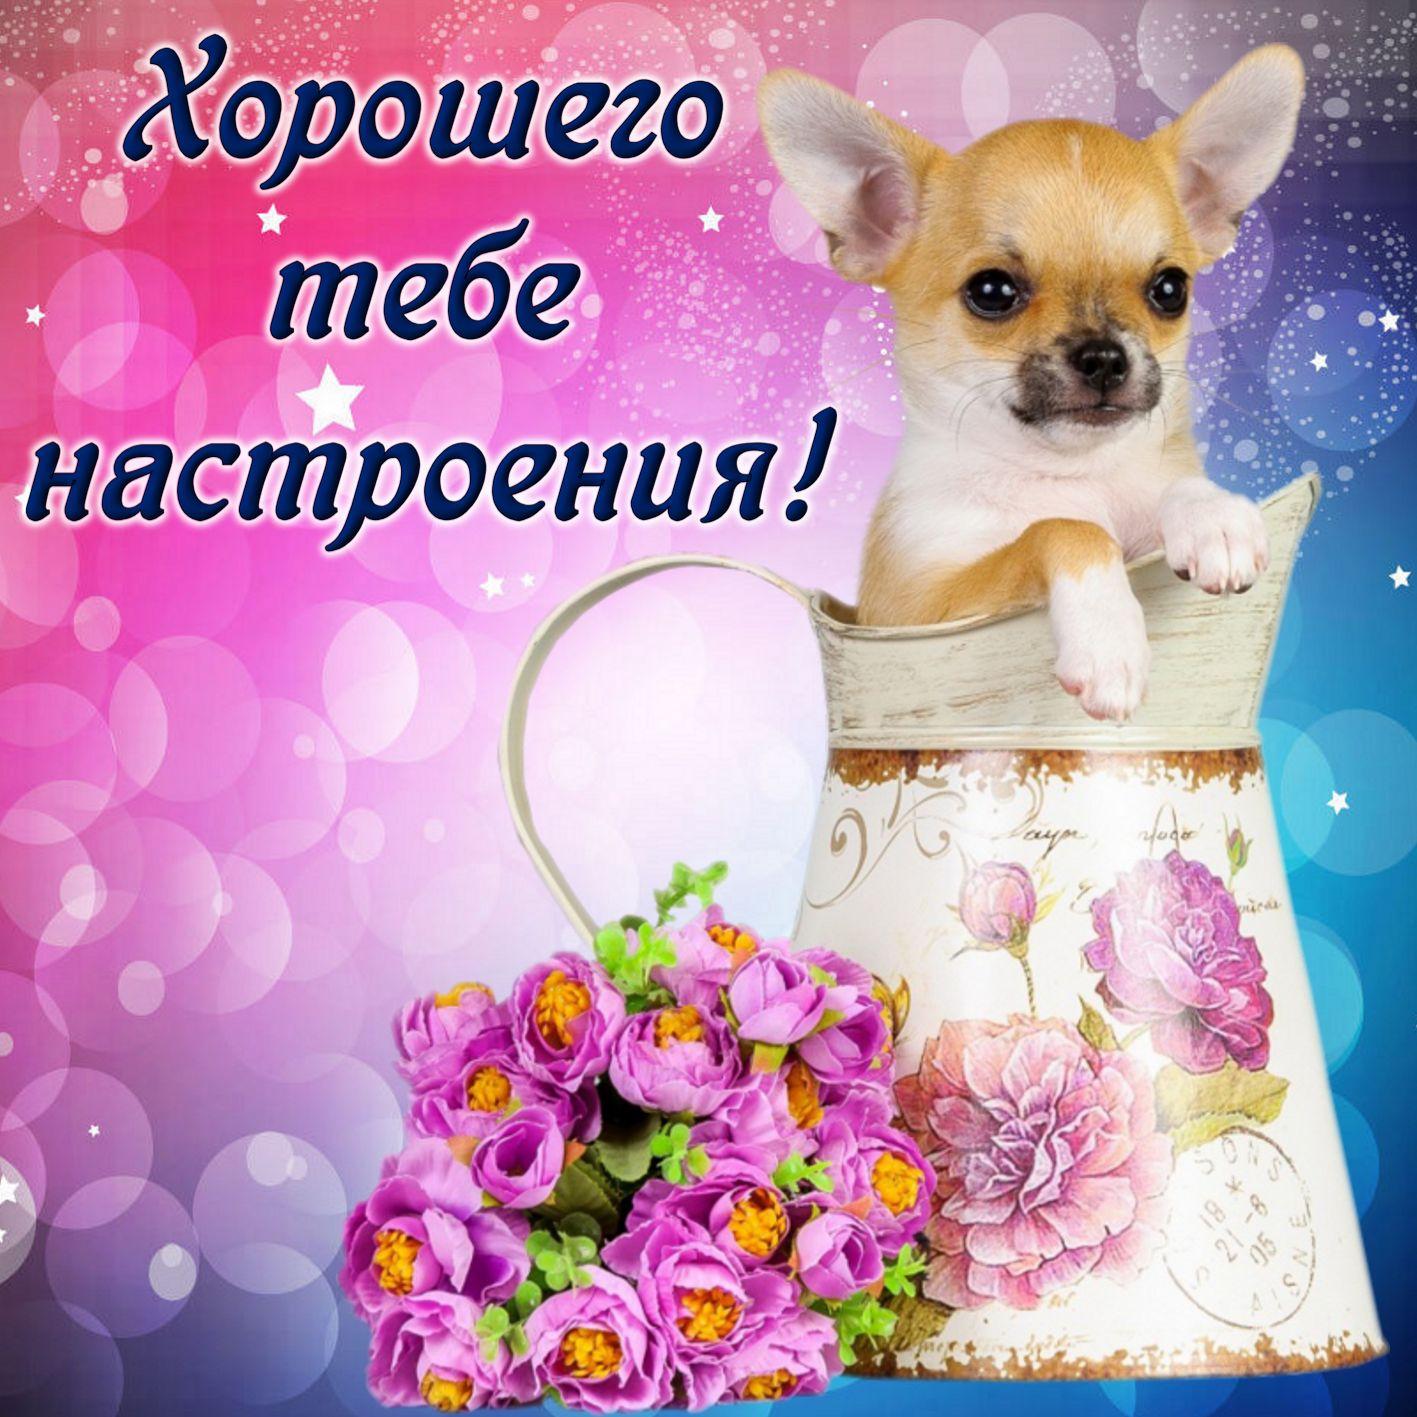 Победу открытки, картинка с пожеланием хорошего настроения